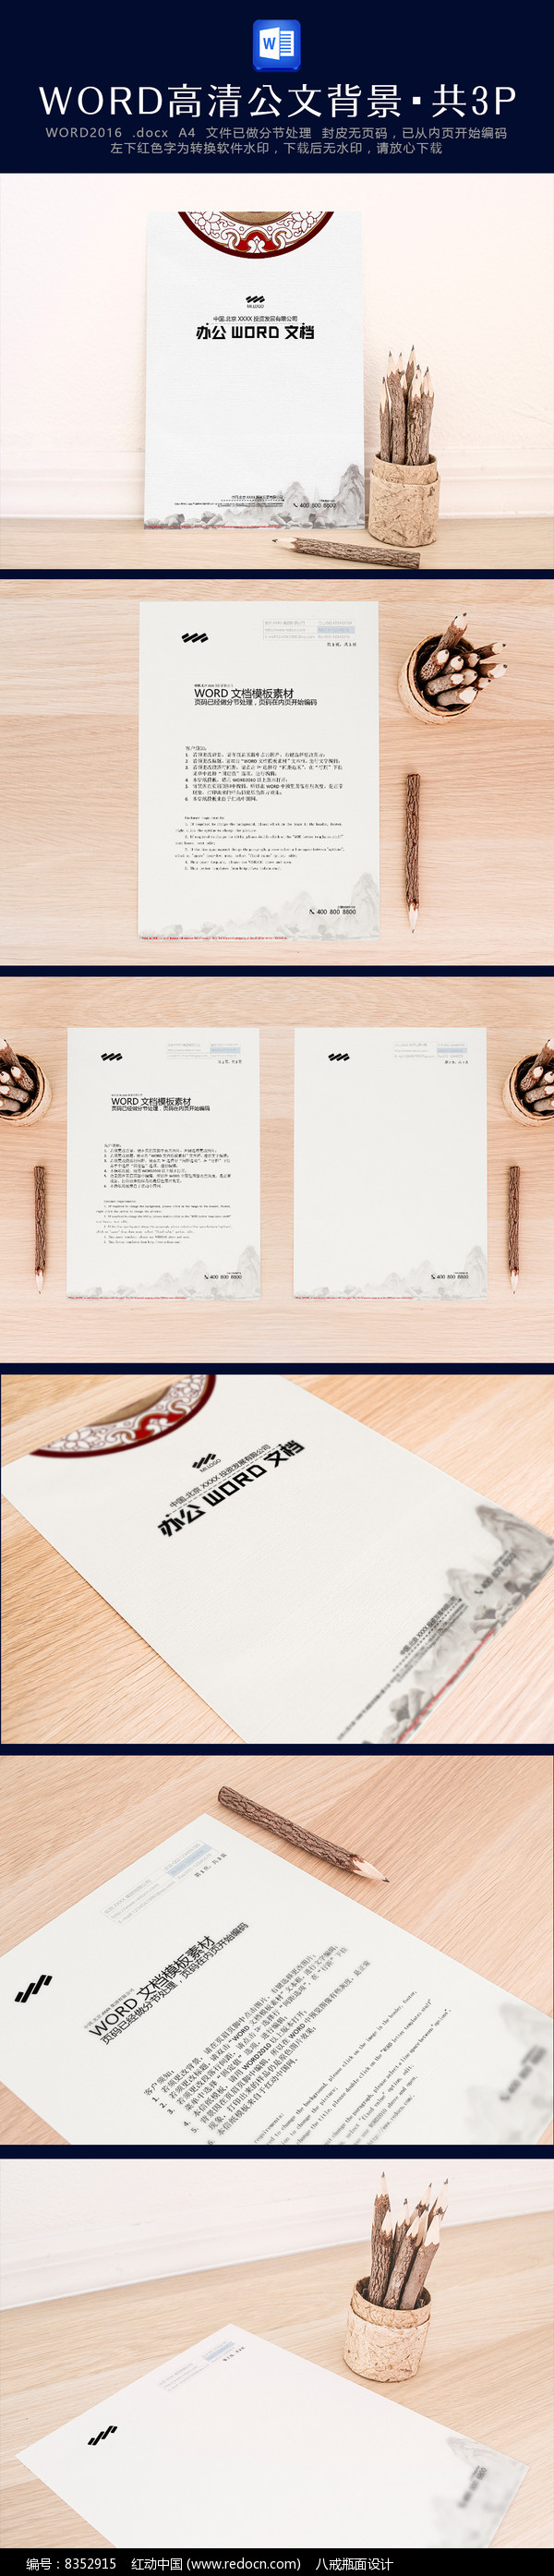 古典水墨word公文信纸背景图片